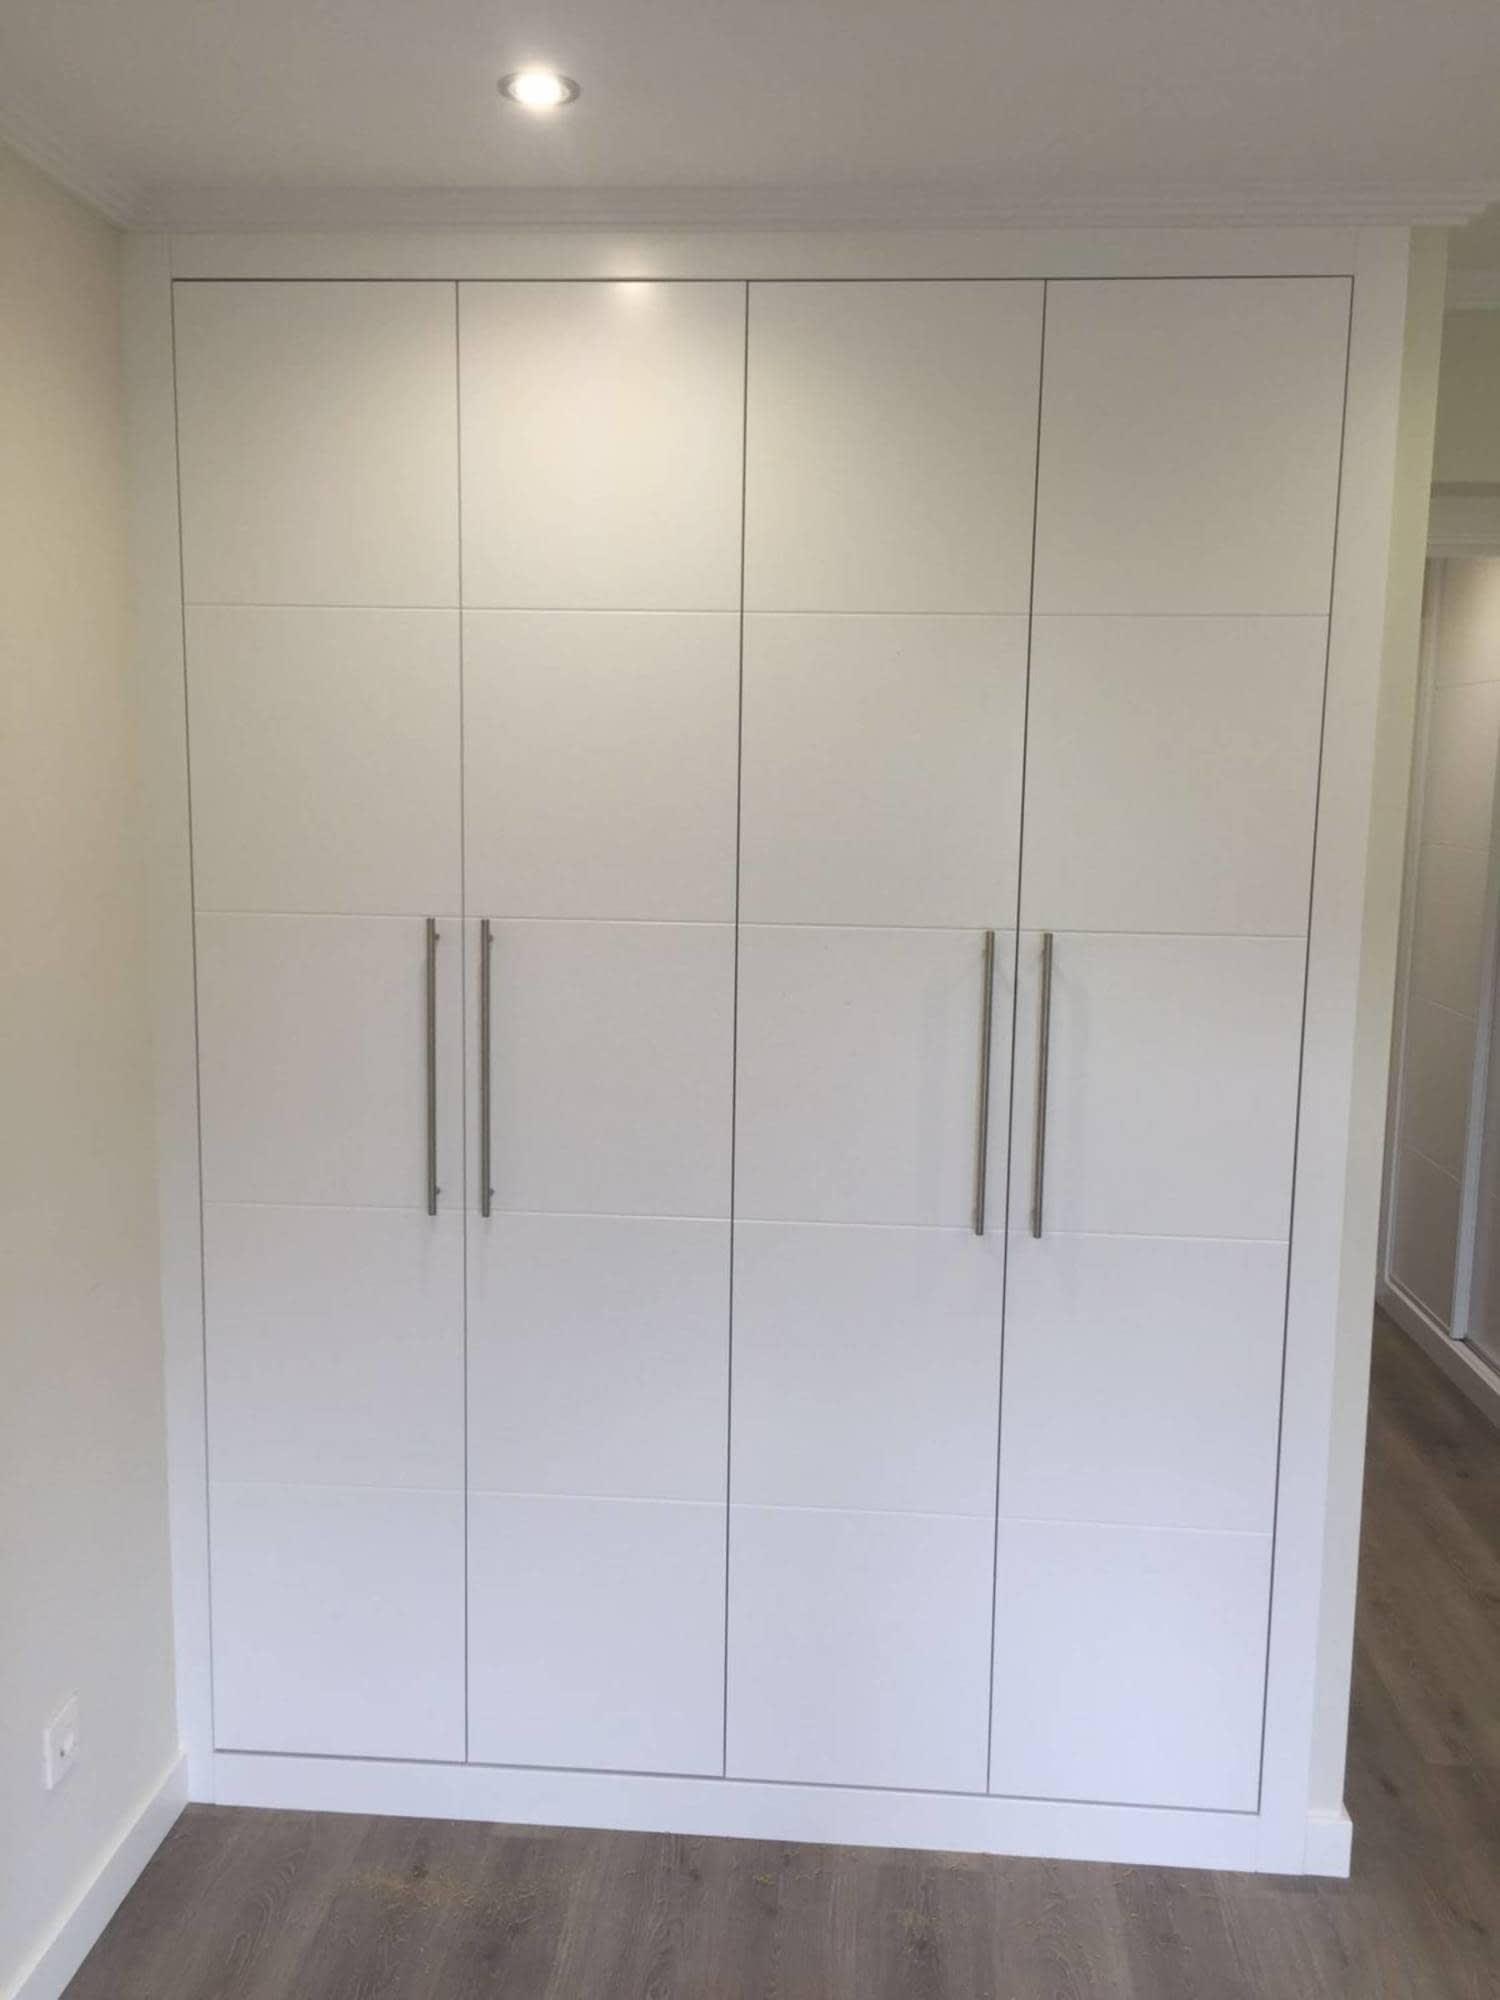 Armario Empotrado Lacado Blanco Puertas Estriadas Armarios - Armarios-empotrados-de-aluminio